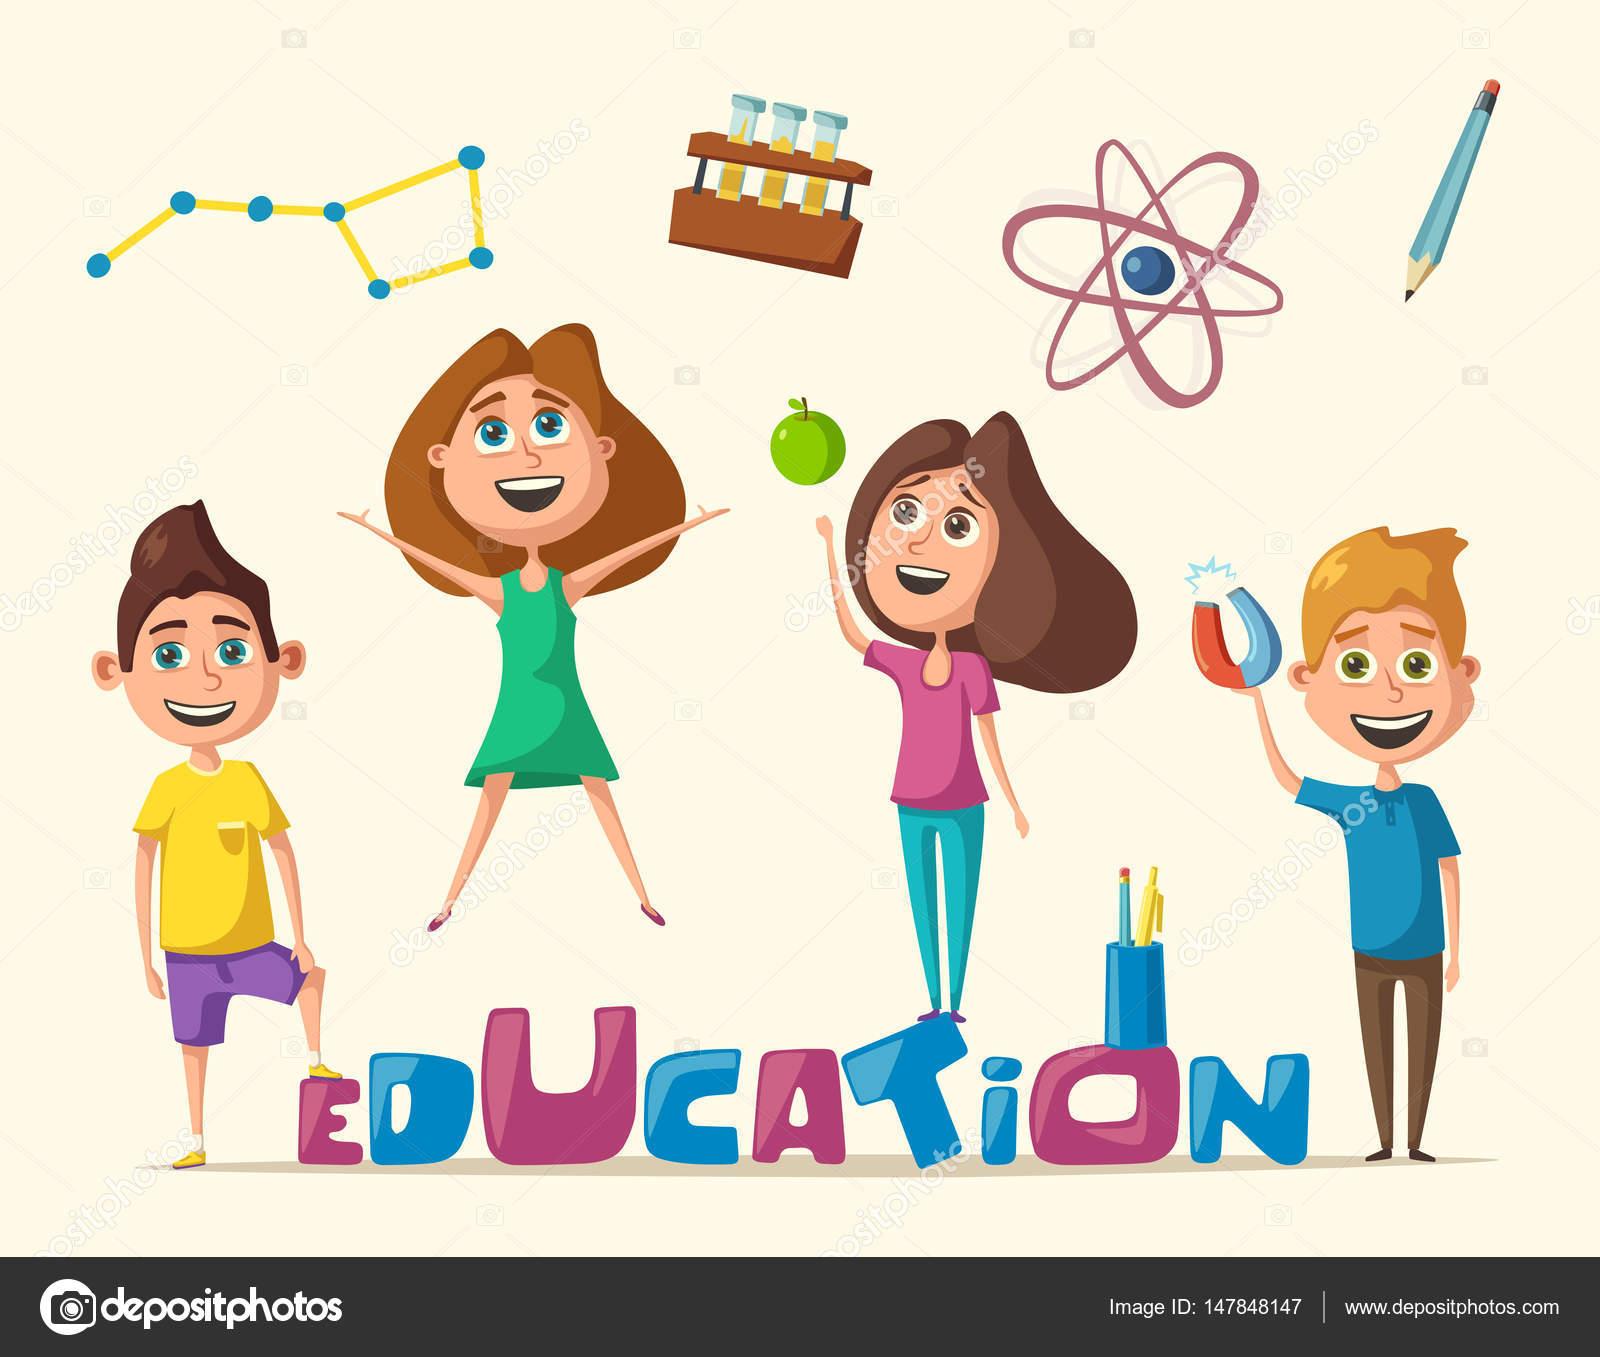 Dibujos Educacion Fisica Animados Los Niños Y Educación Banner